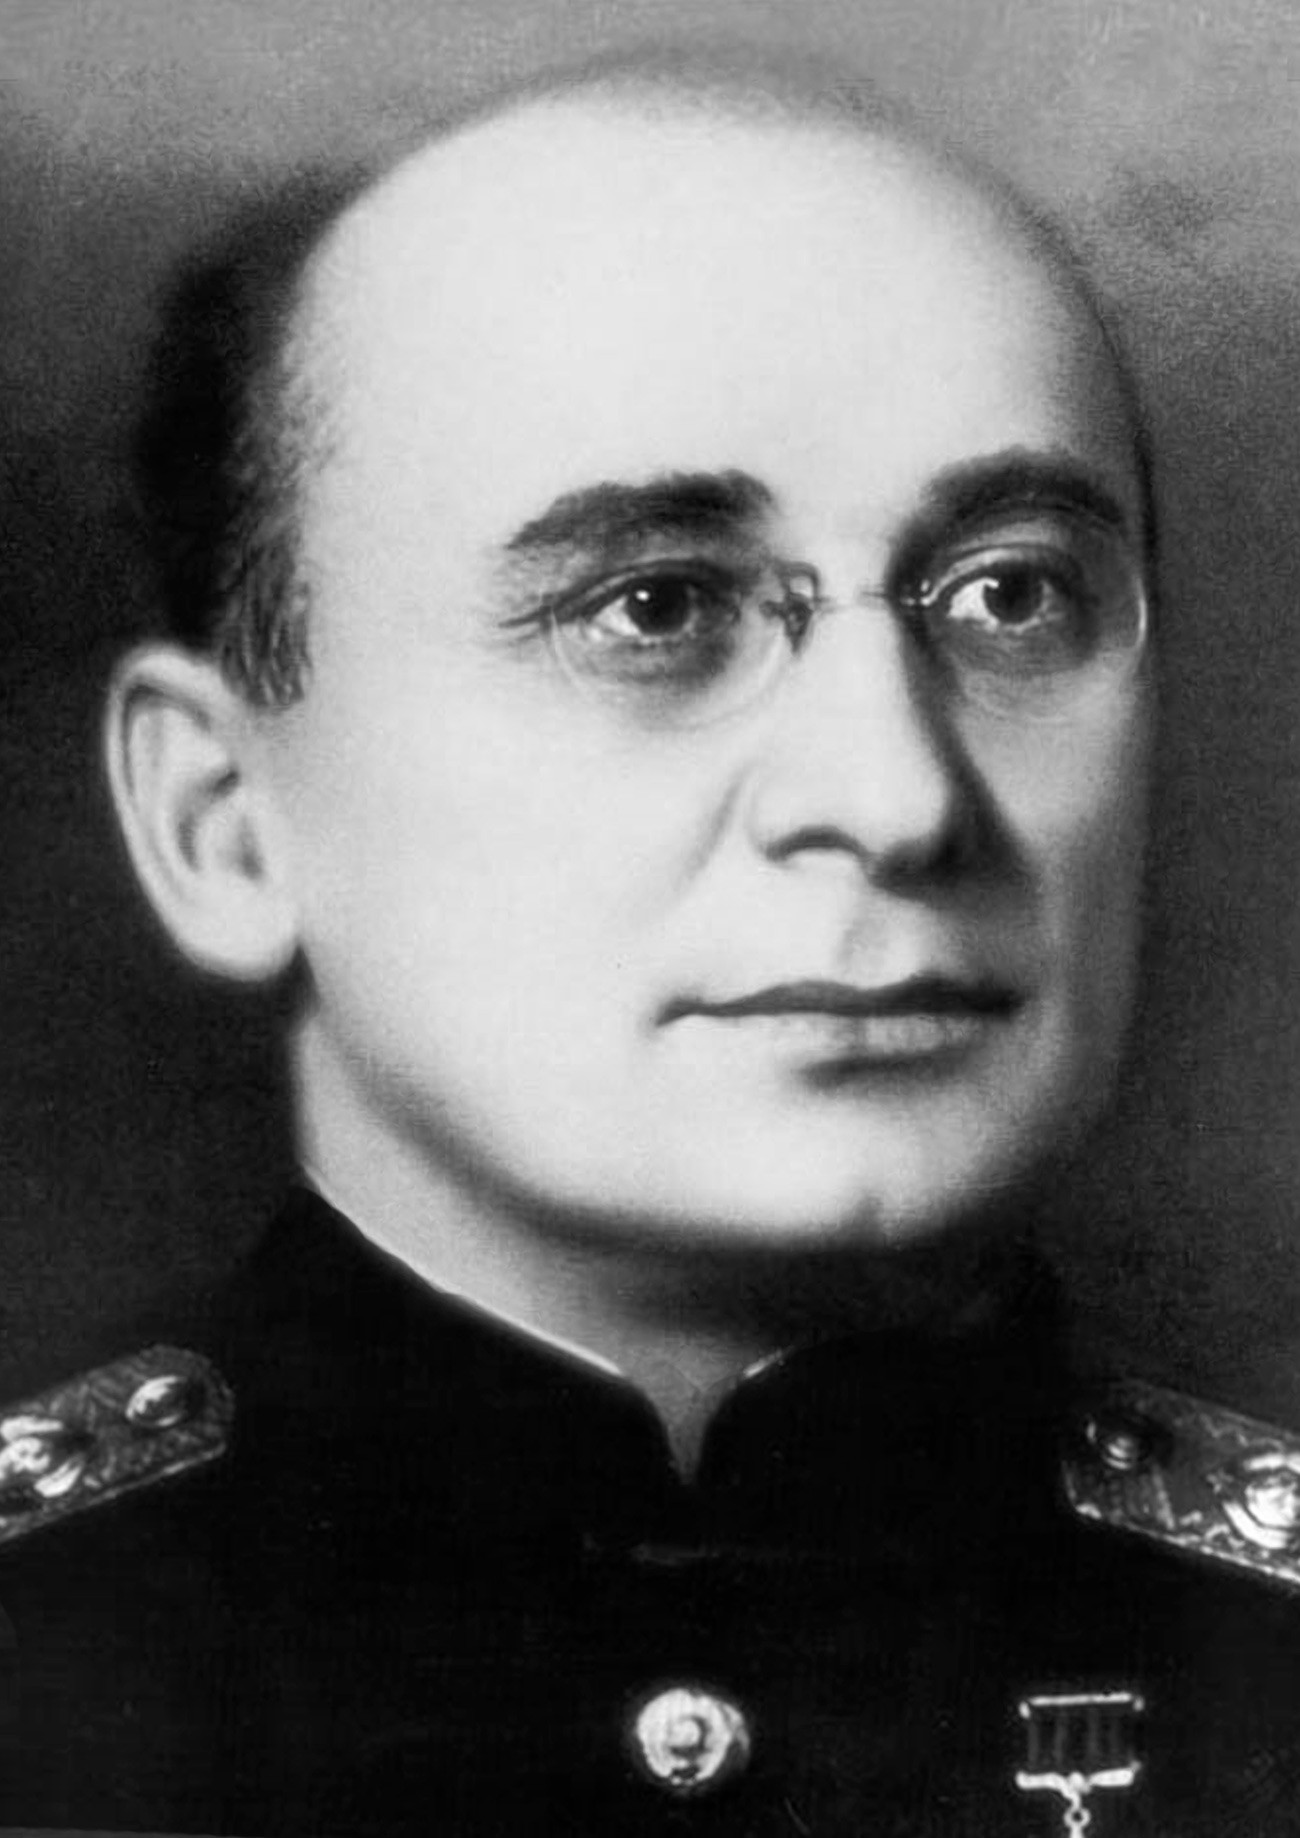 Искројена фотографија Лаврентија Павловича Берије, народног комесара унутрашњих послова СССР-а.